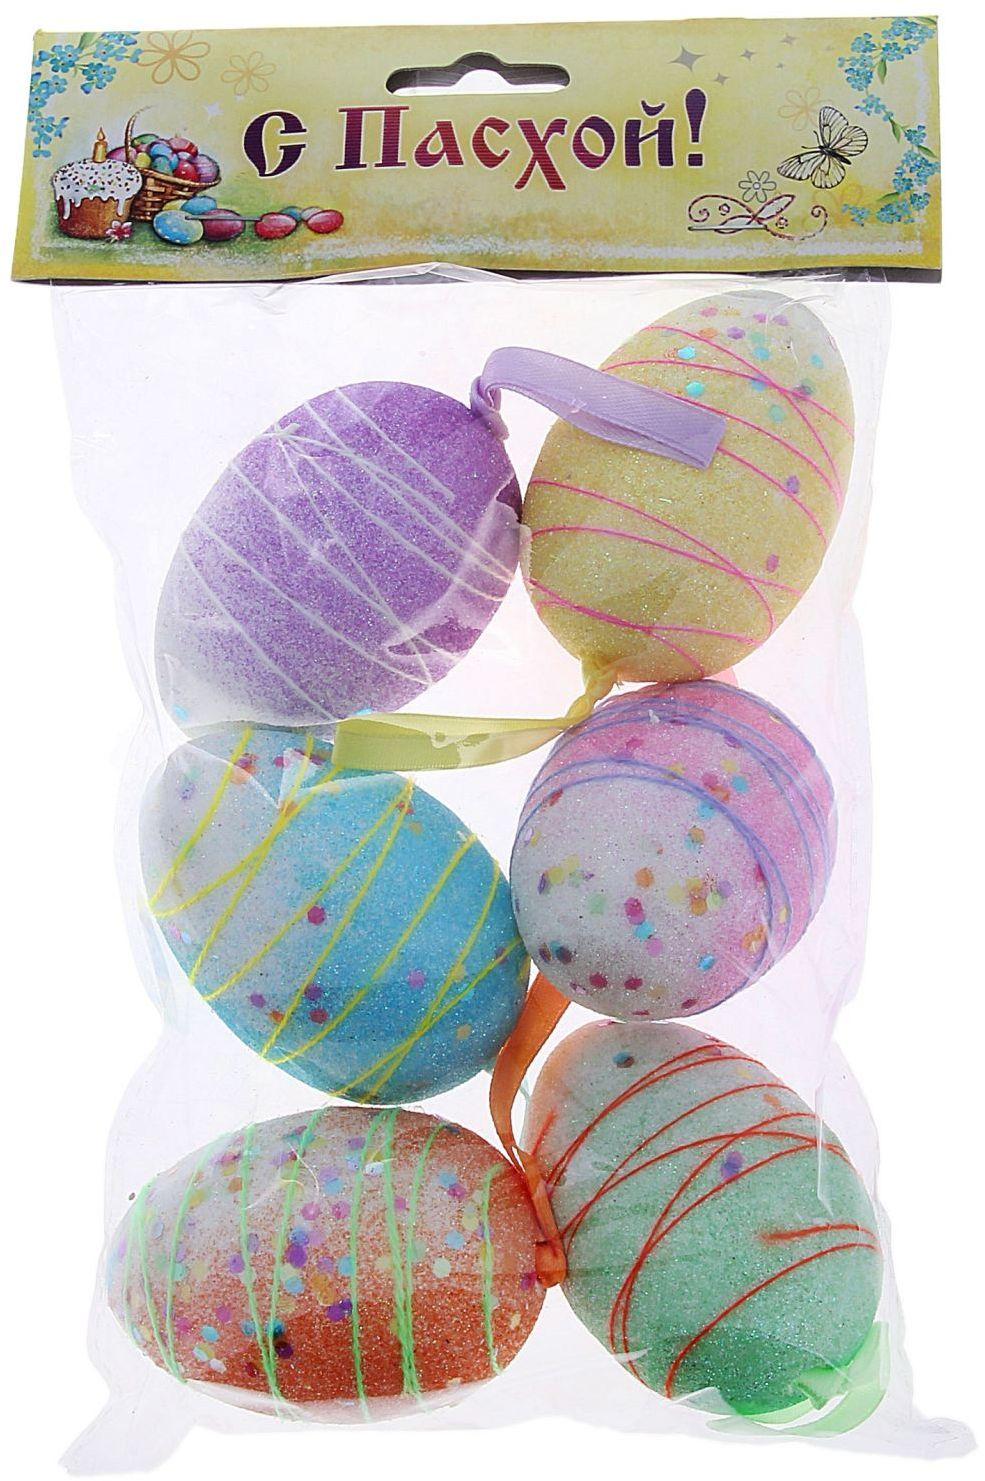 Сувенир пасхальный Sima-land Яйцо. Серпантин, 6 штTHN132NЯйцо - это главный пасхальный символ, который символизирует для христиан новую жизнь и возрождение, поэтому его присутствие на праздничном столе является обязательным элементом во многих странах.Сегодня крашеными яйцами принято не только украшать праздничный стол. Если вы решили серьёзно подойти к декору квартиры, и вам нужно, например, подвесить яйца, закрепить на веточках, в этом вам поможет сувенир - пасхальное яйцо (набор 6 шт) Серпантин - очаровательный символ, который покорит сердце каждого. Можете уложить эти чудесные яйца в плетёную корзинку, на красивую салфетку, и перед вами уже готовый подарок или композиция для сервировки стола. Приобретая такой сувенир, вы сэкономите кучу времени на росписи яиц, оставив его на выпечку самого вкусного кулича.